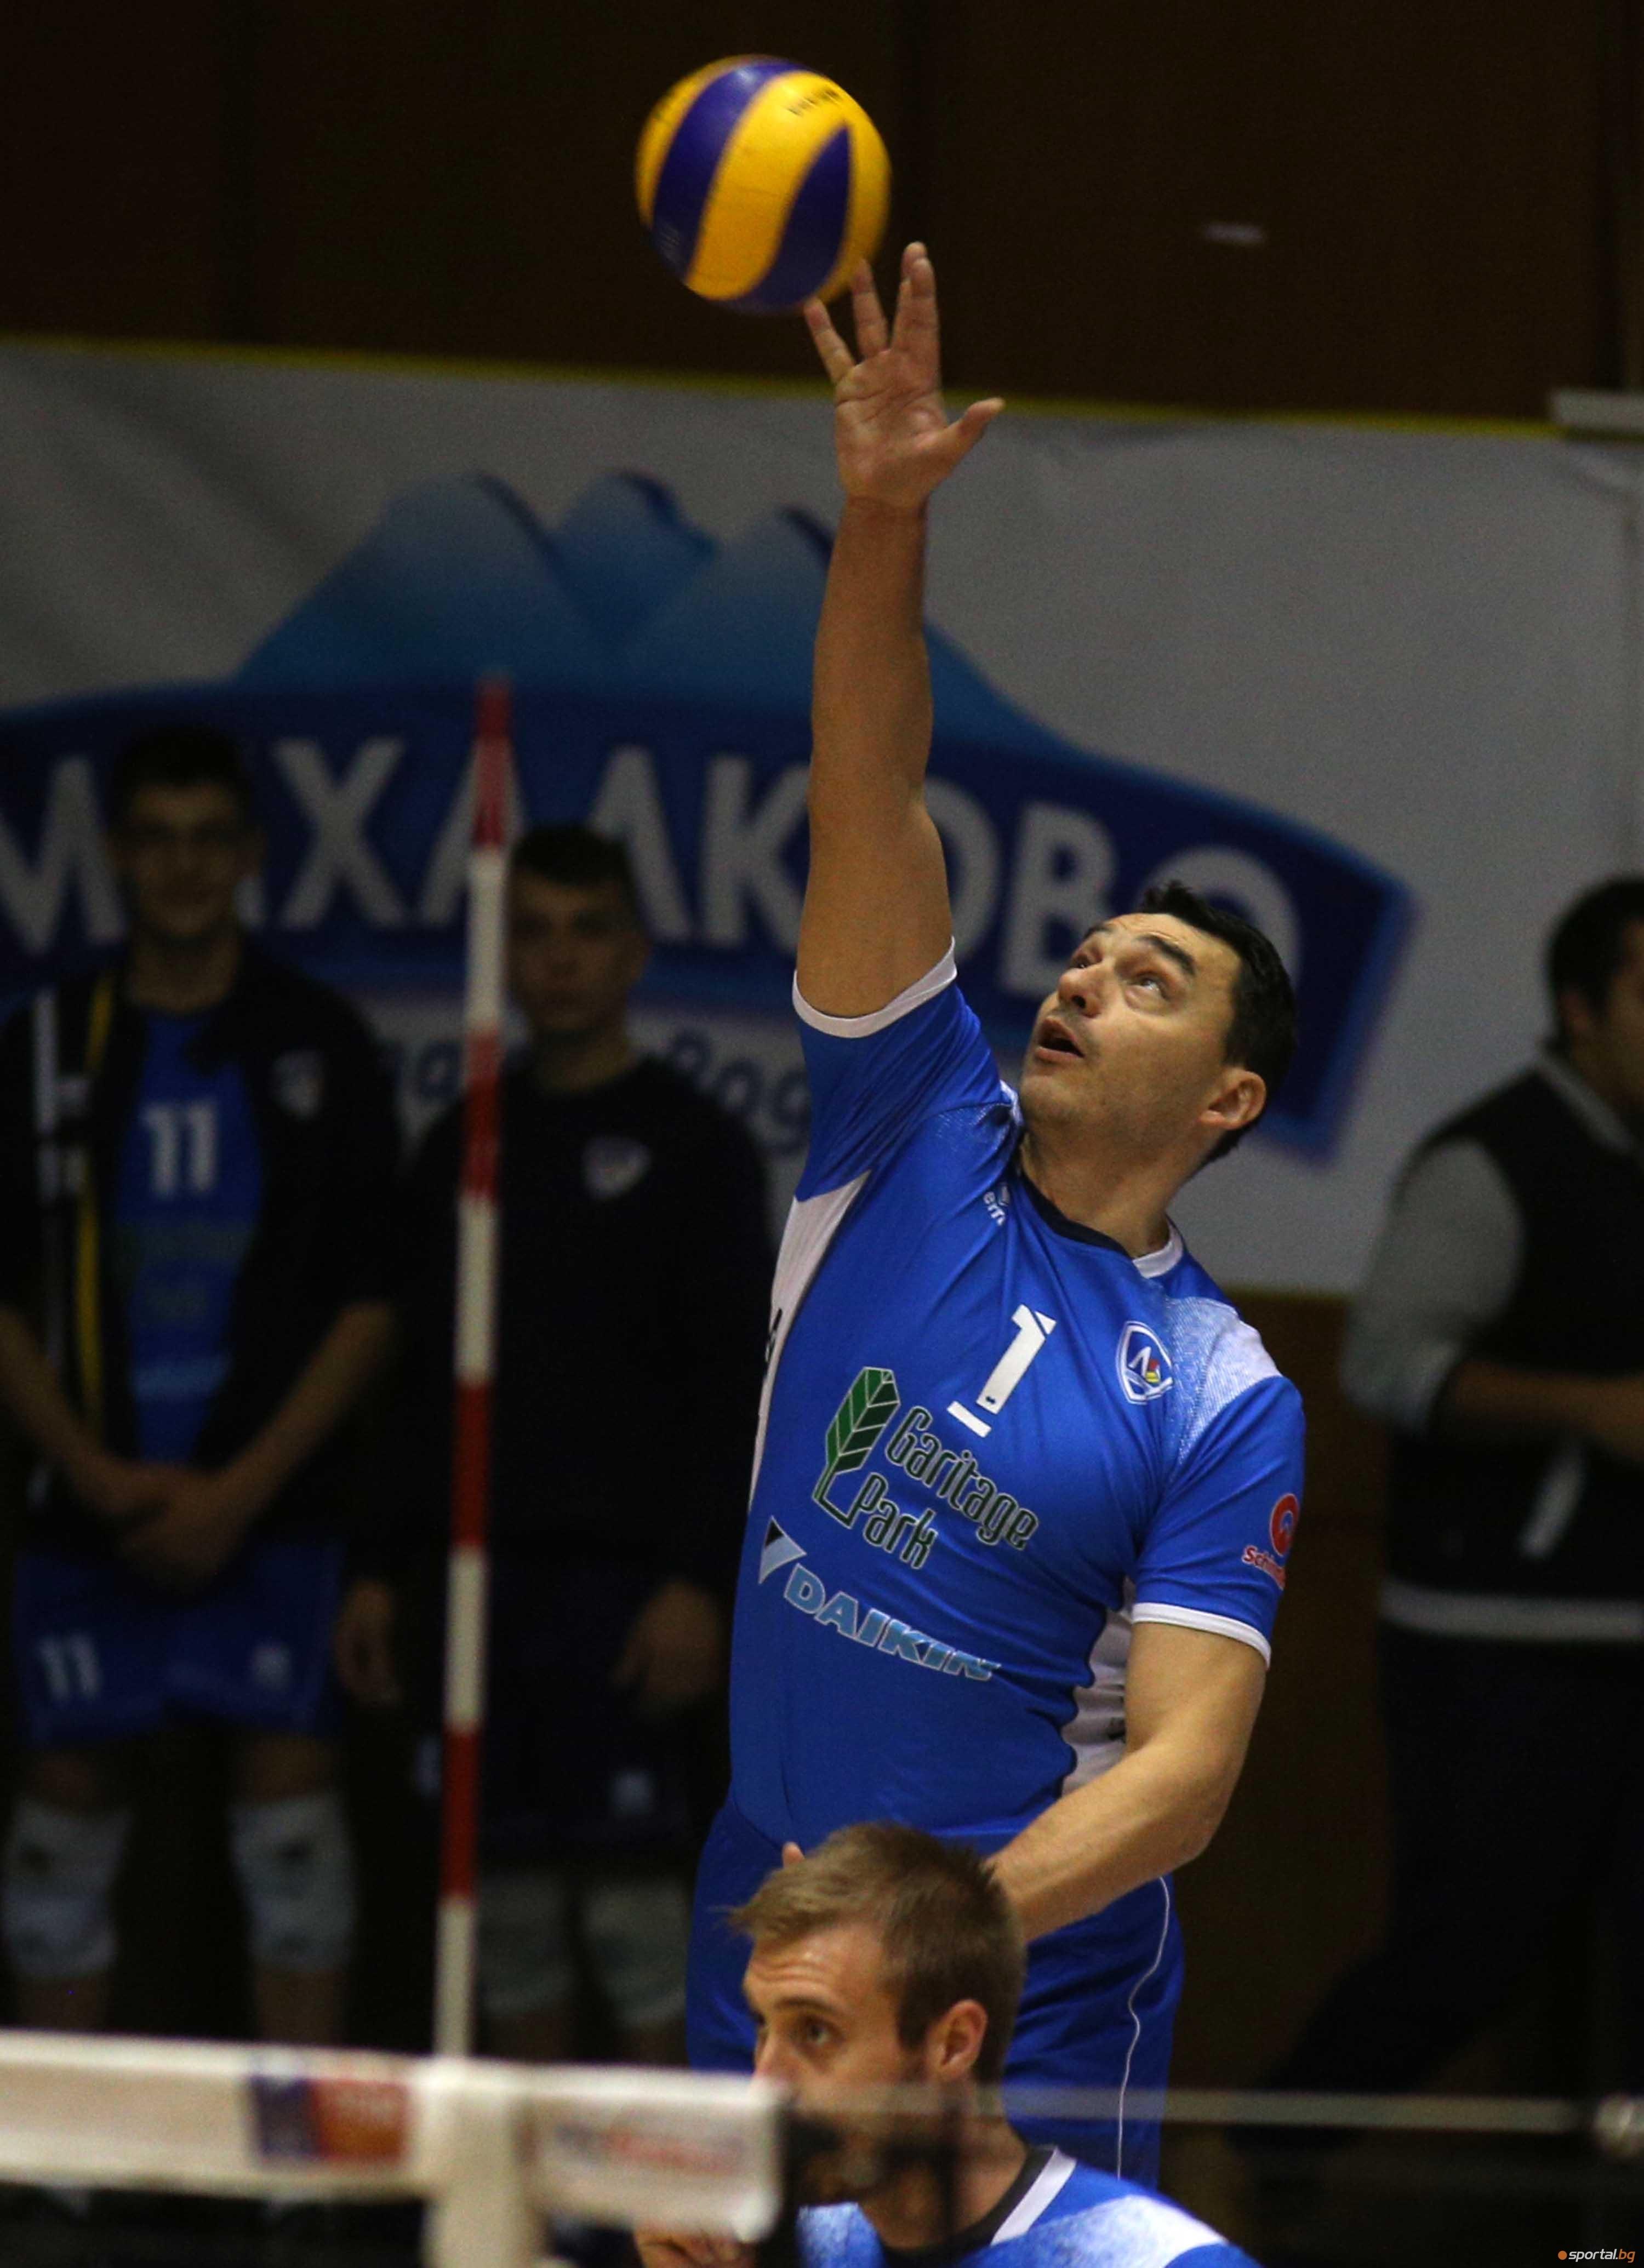 Волейболистите на Левски отнесоха бургаския Дея Спорт с 3:0 (25:18,